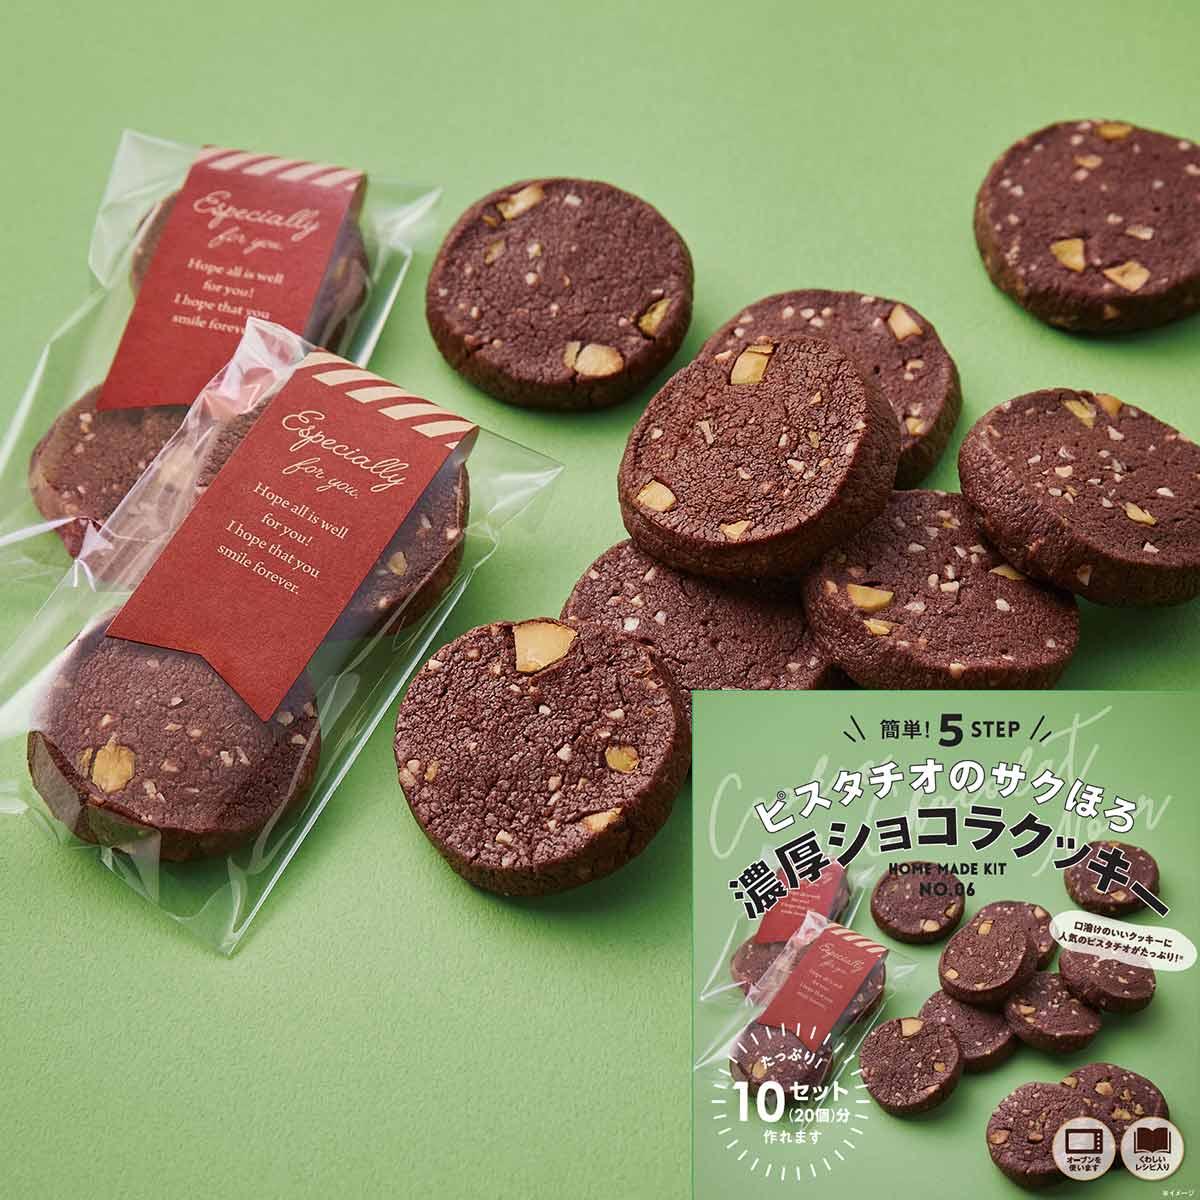 30個作れる手作りキット ハートのチョコクッキー ラッピング付き  約5.5cm 30枚分  簡単 友チョコ かわいい 可愛い 友チョコ バレンタイン 手作り 製菓 手作りキット